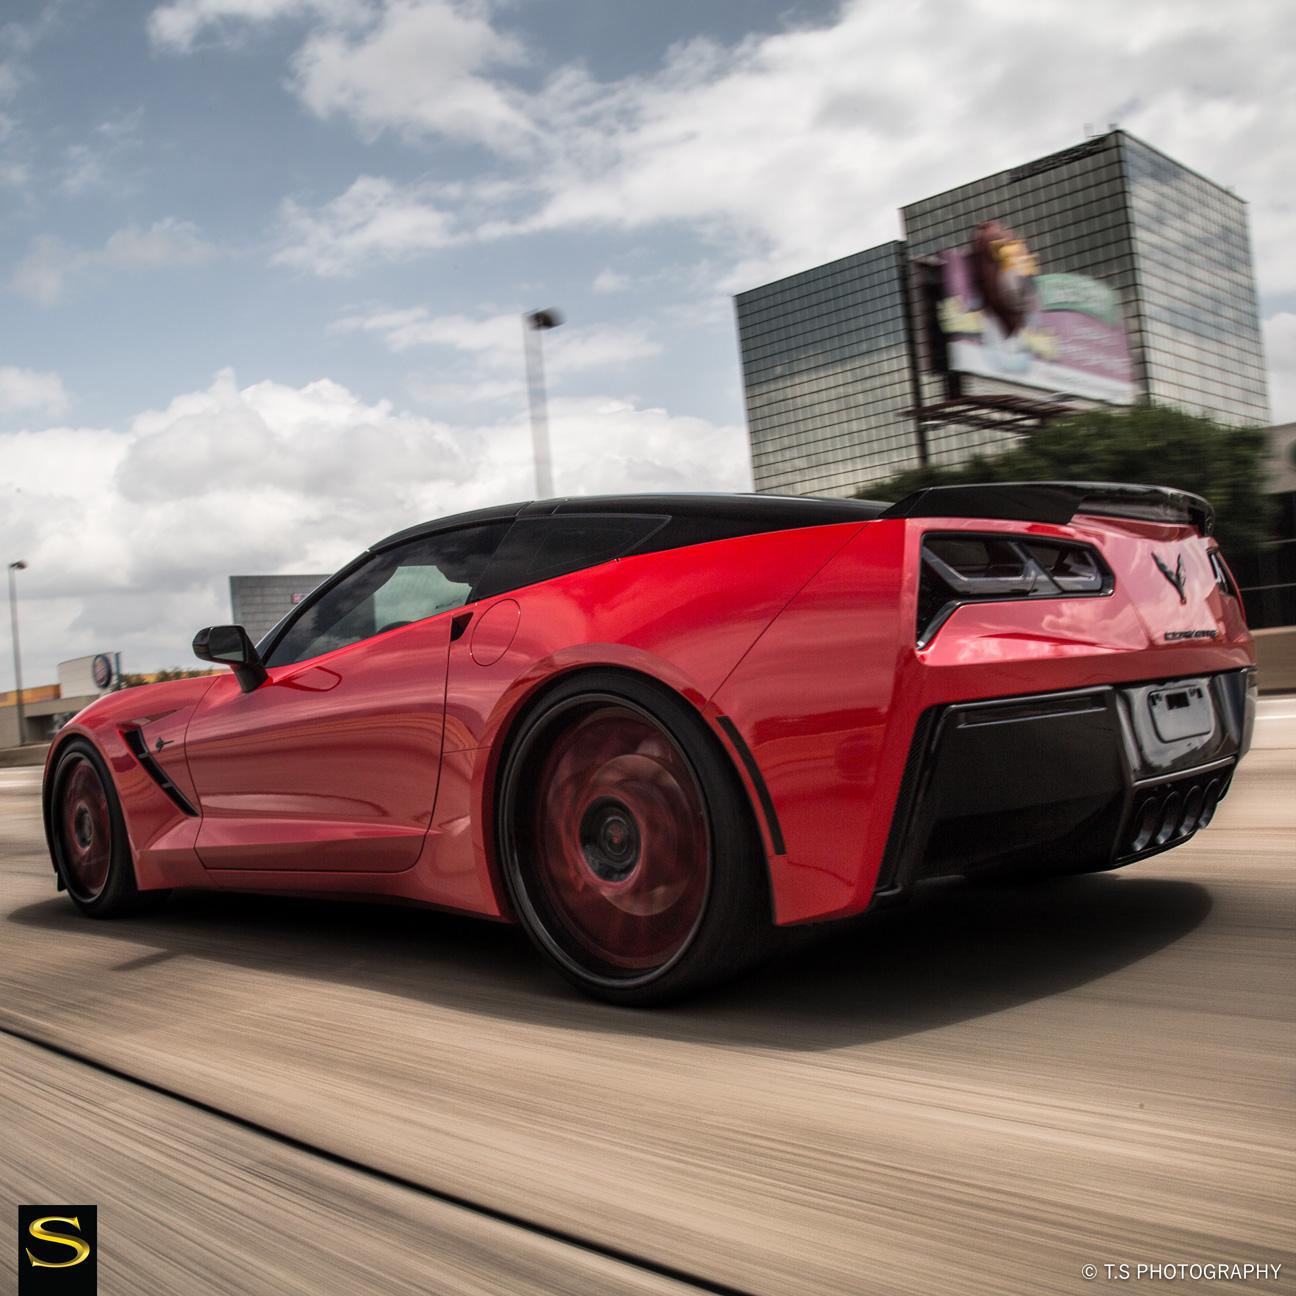 savini-diamond-lazio-black-with-red-accents-corvette-c7-stingray-(10)